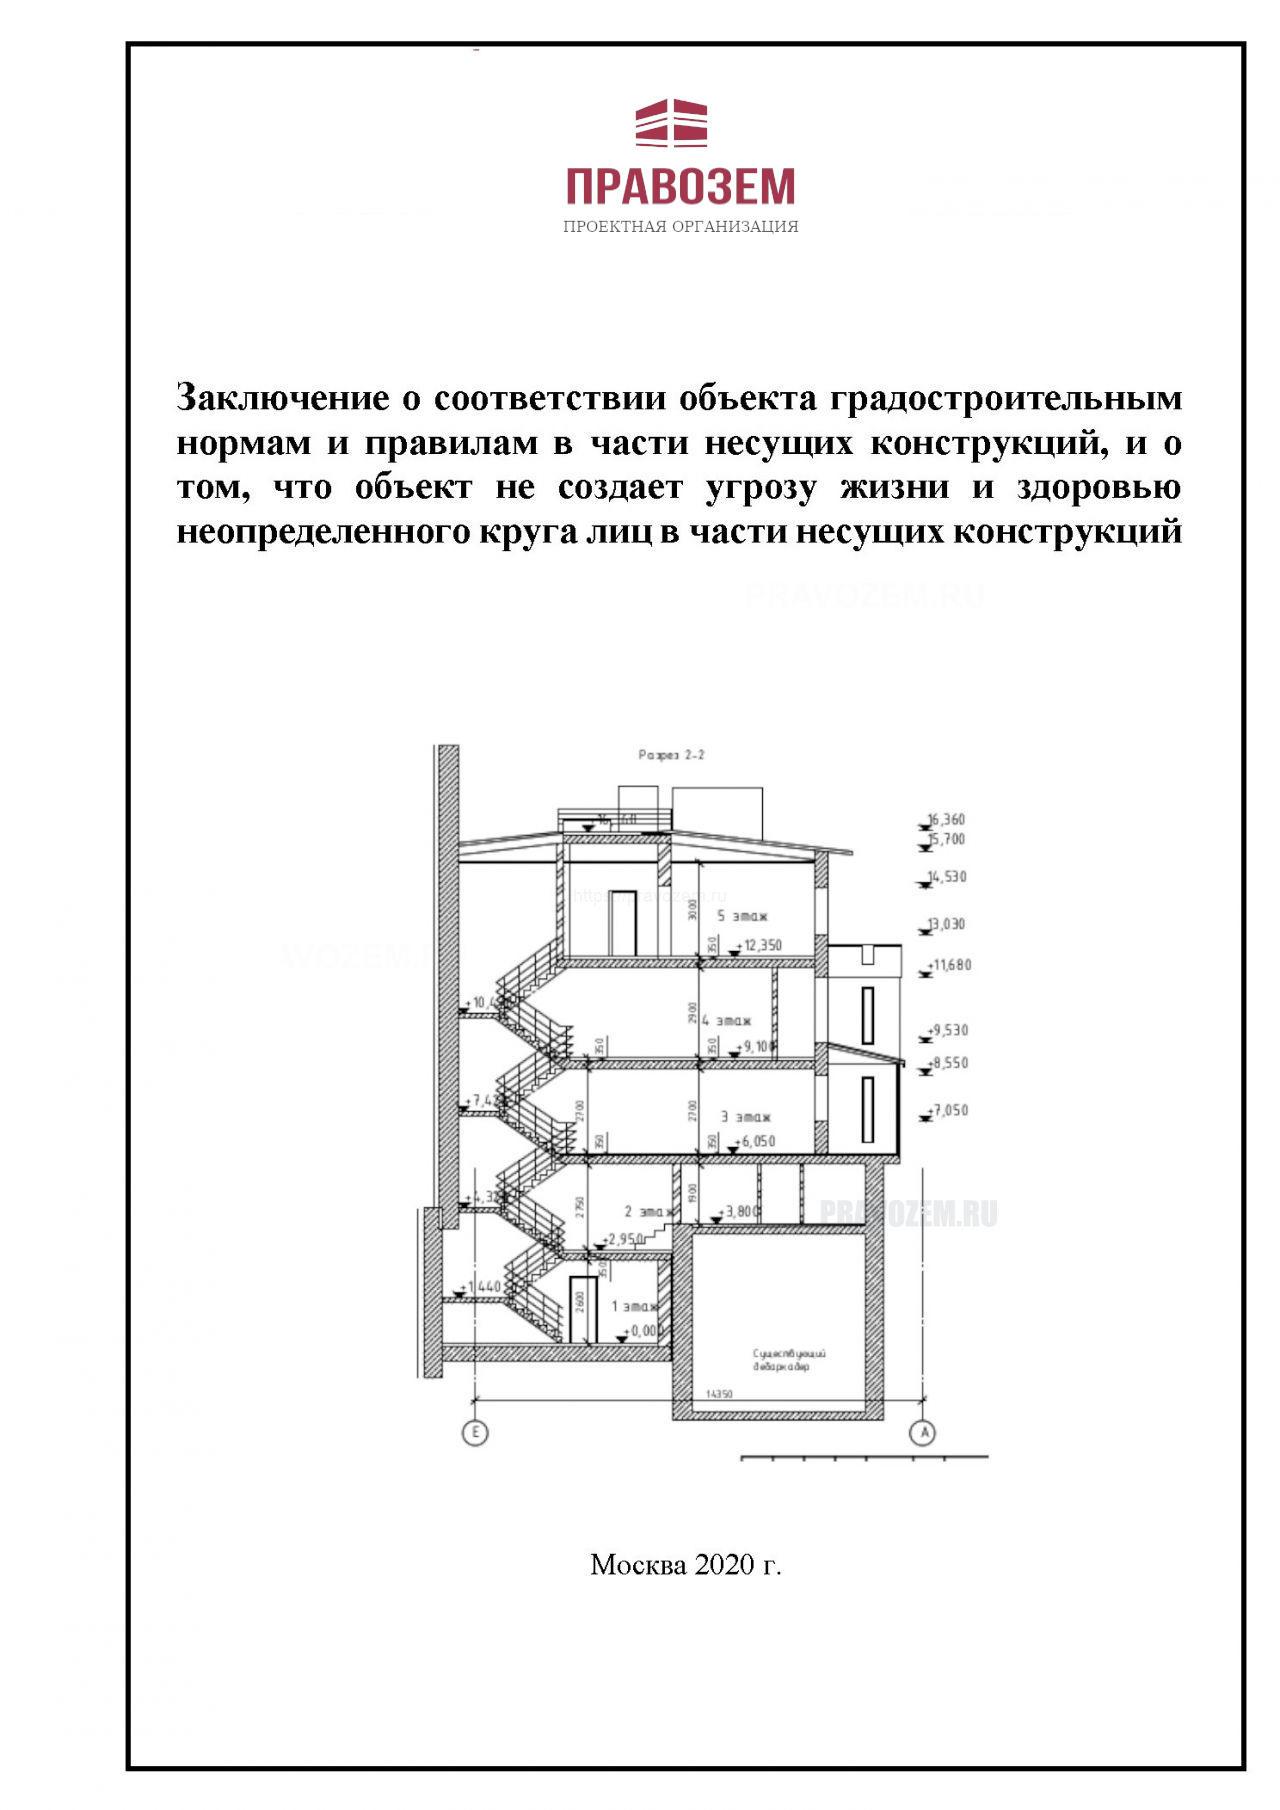 Заключение о состоянии несущих конструкций